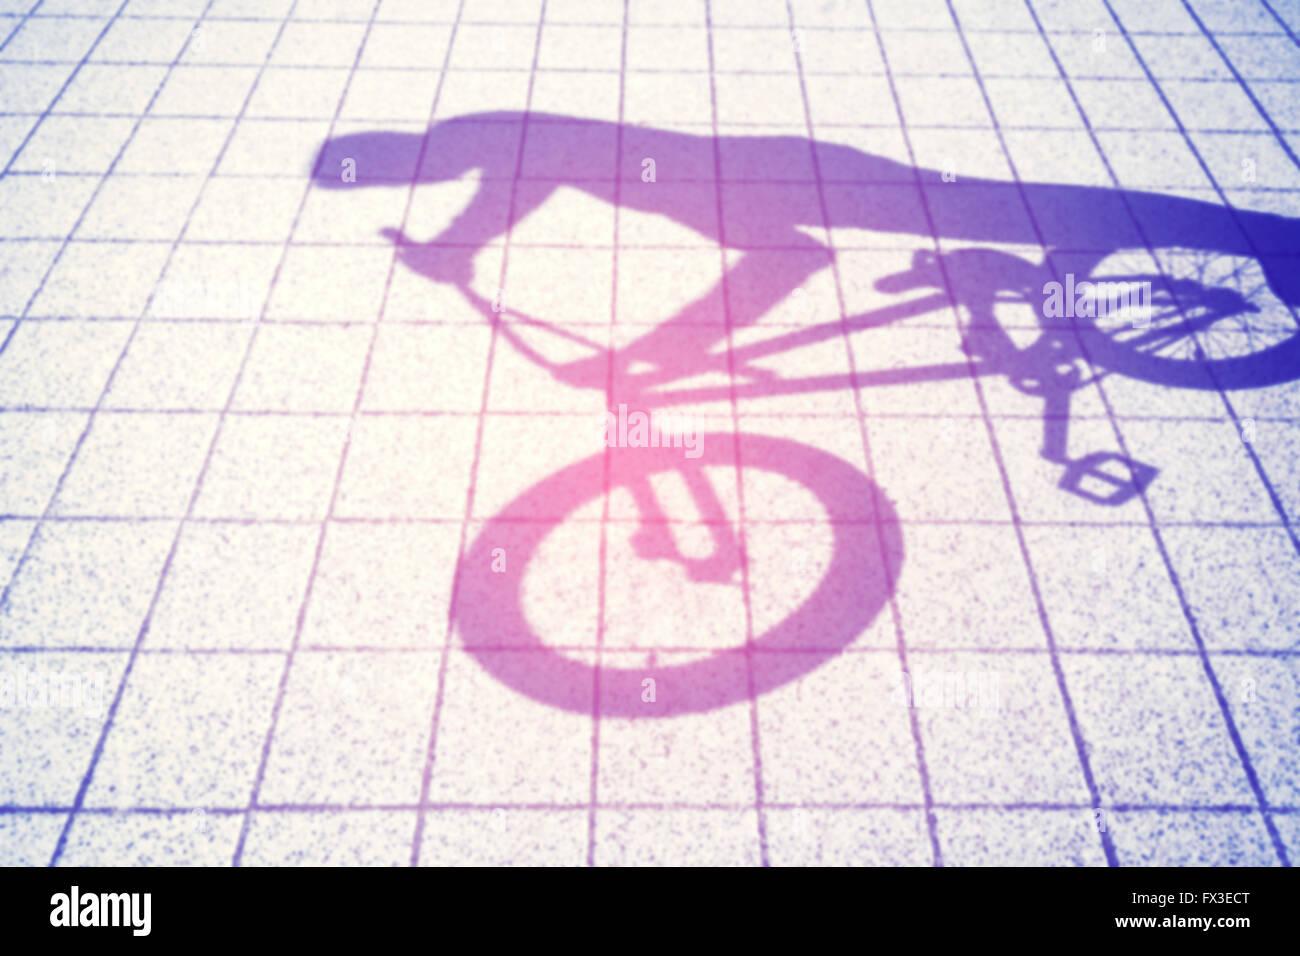 Retro getönten verschwommenen Schatten eines Teenagers mit dem bmx-Fahrrad. Stockbild